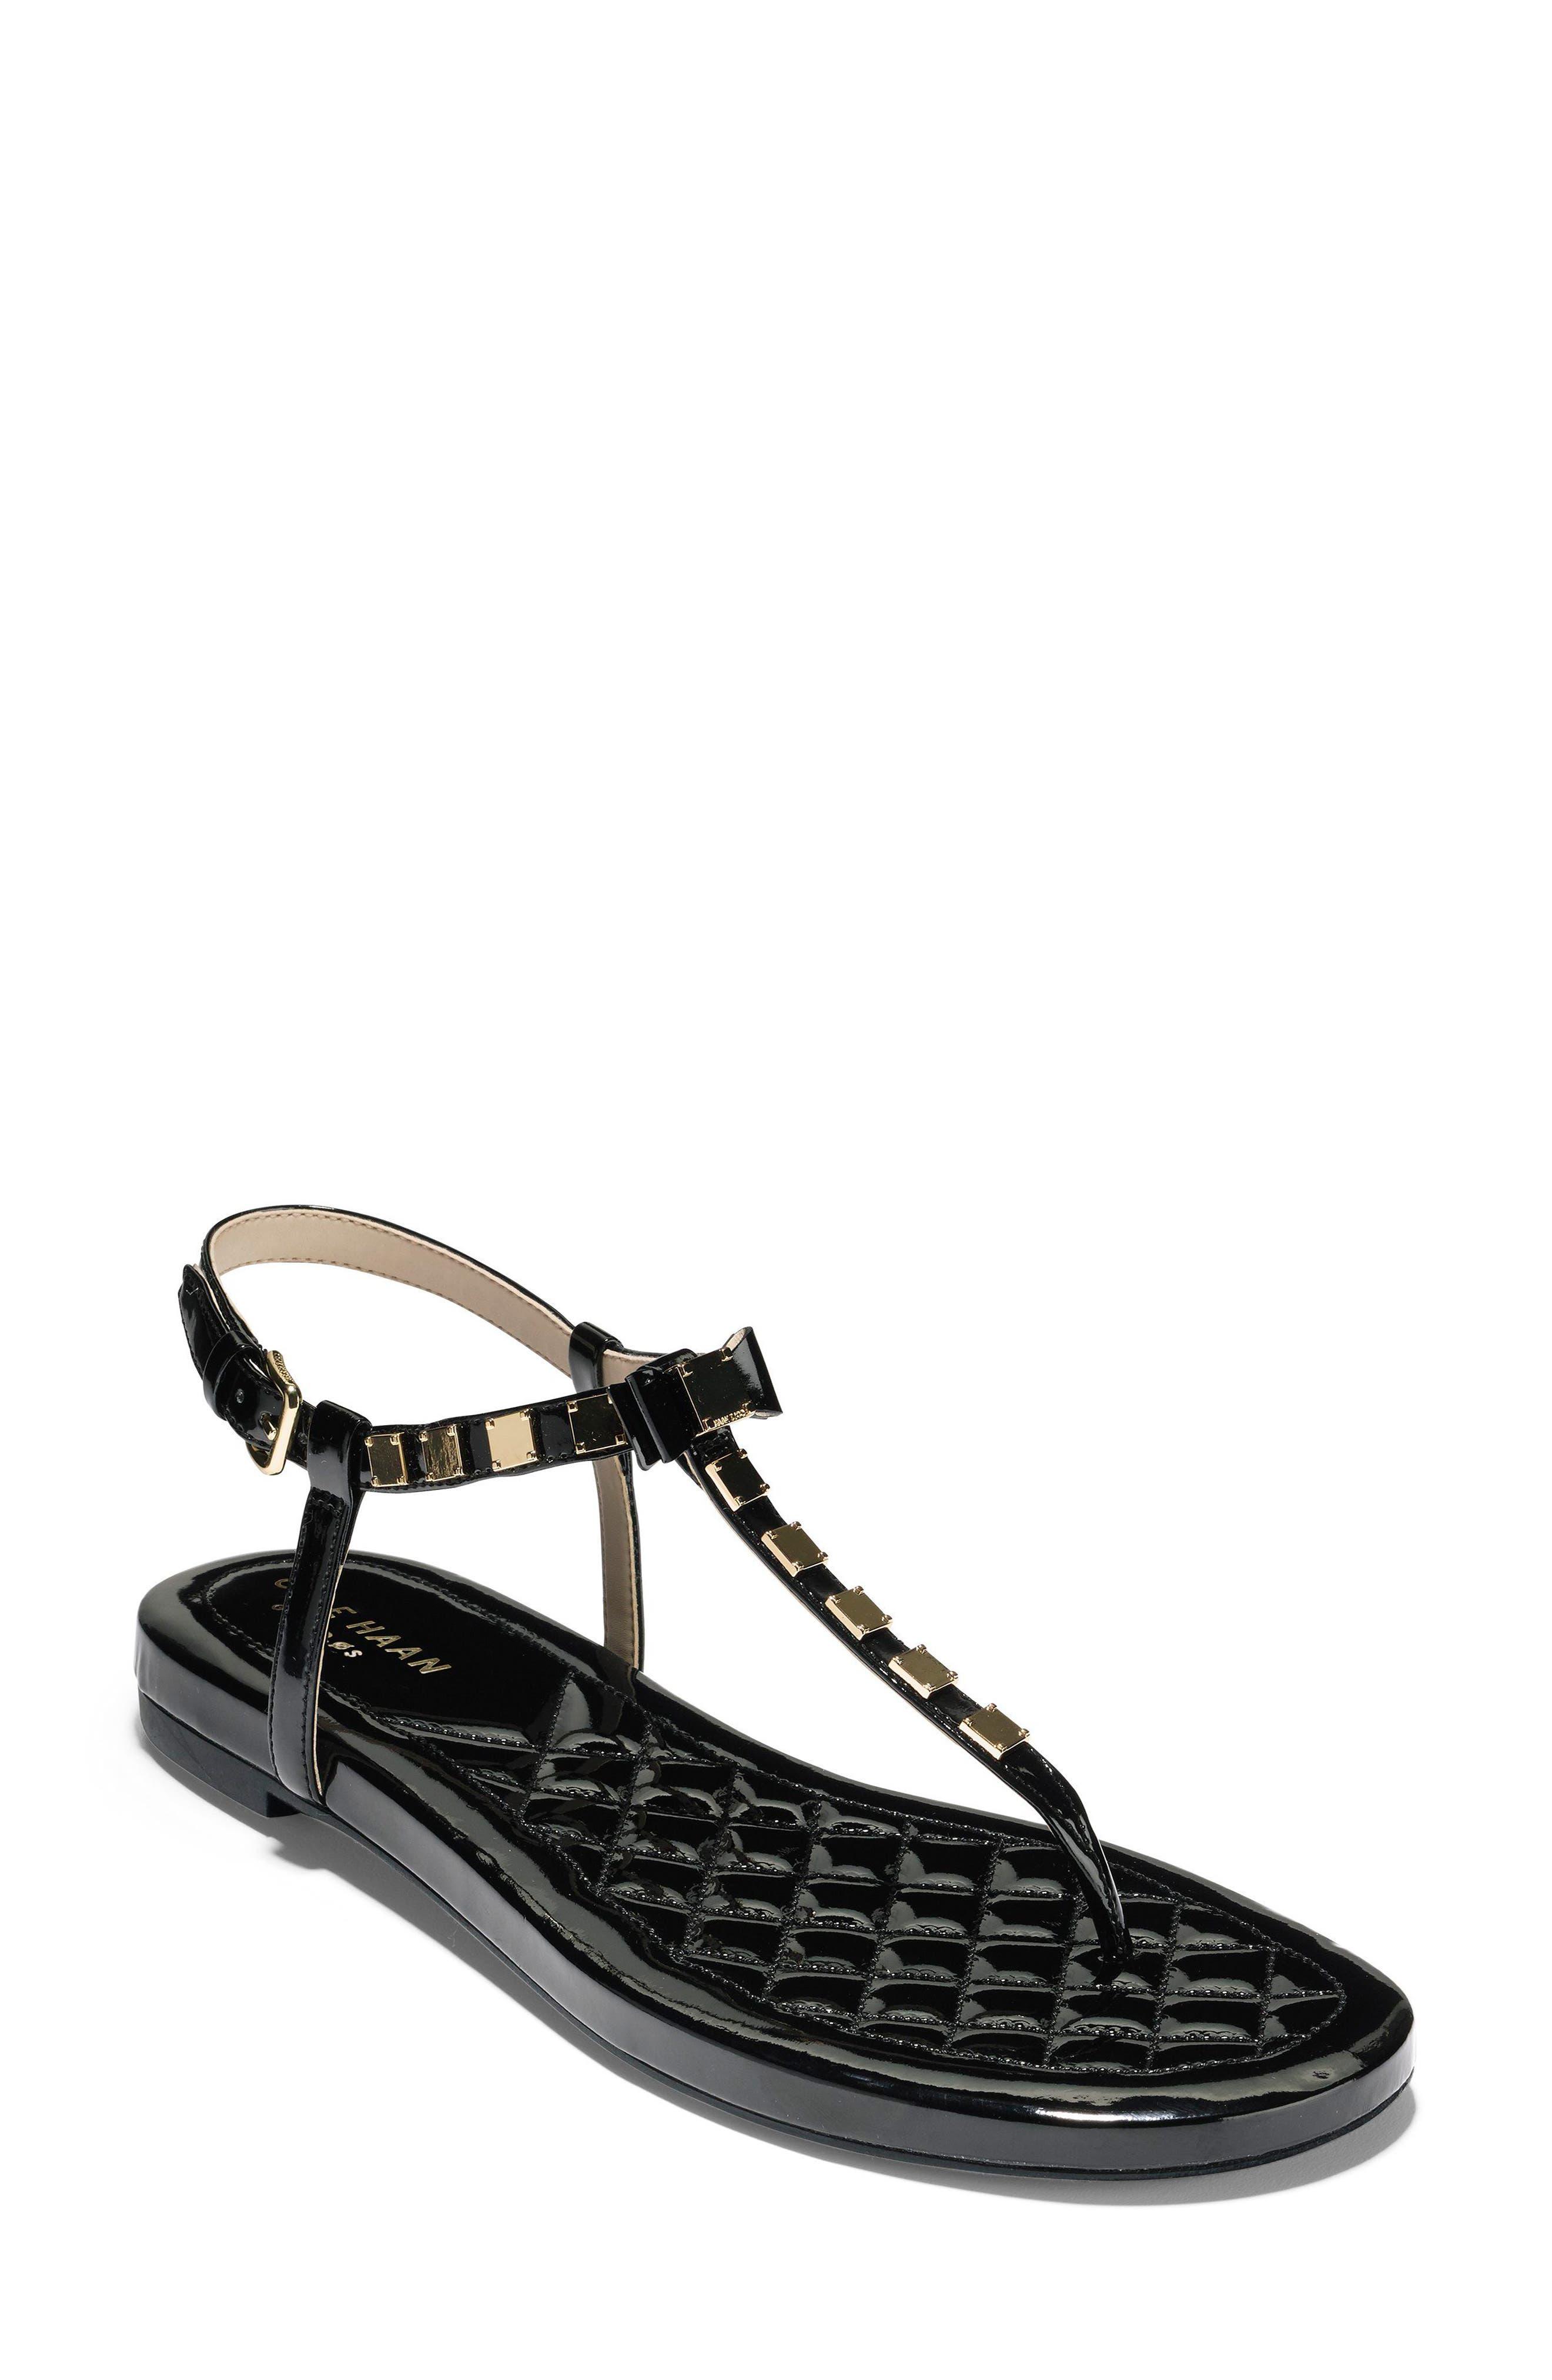 Tali Mini Bow Sandal,                         Main,                         color, Black Patent